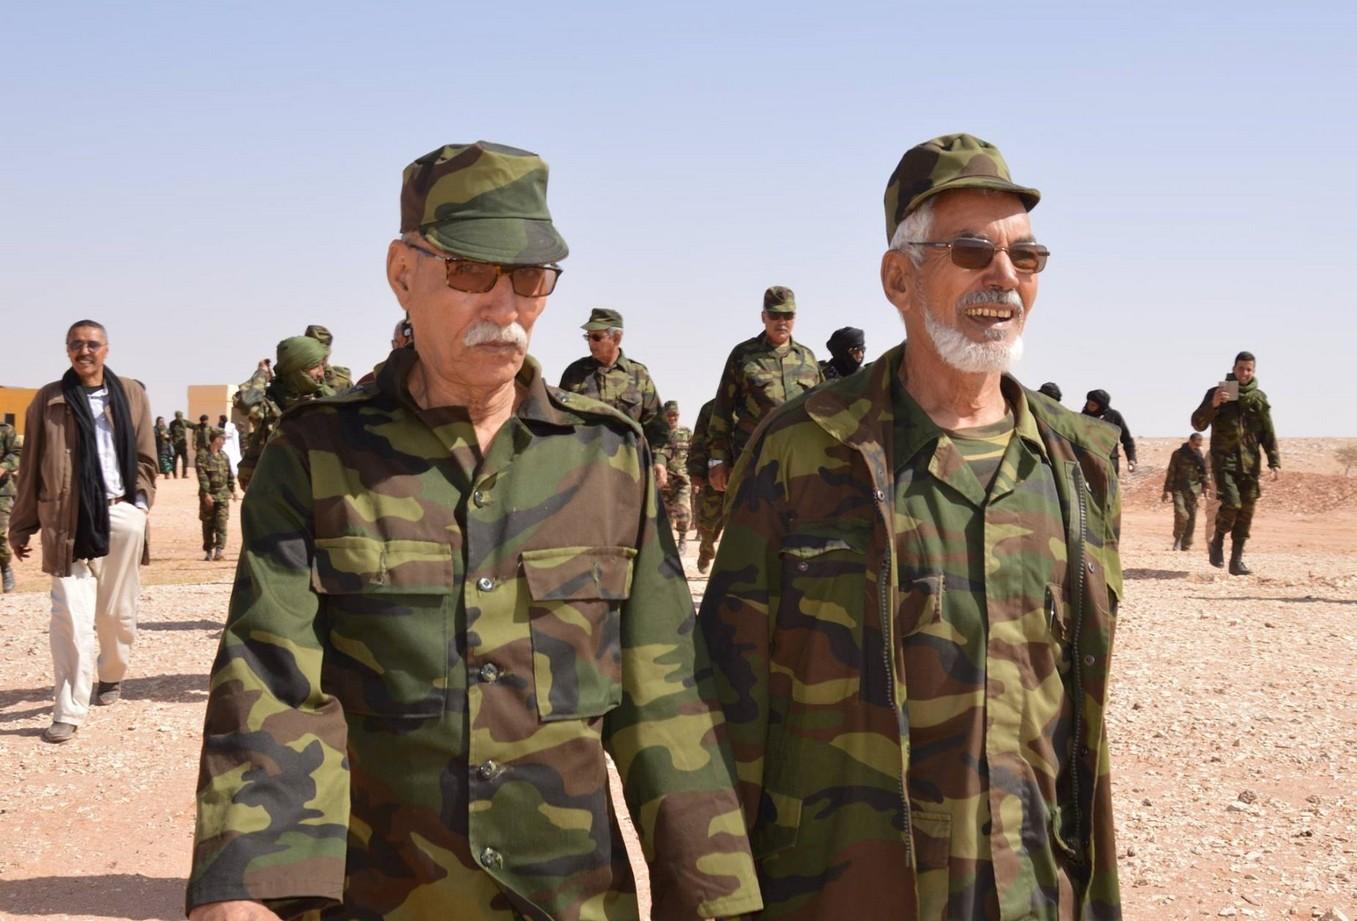 """ولد سلمى: """"بوليساريو"""" كادت تفقد زعيمها في قصف للجيش المغربي"""